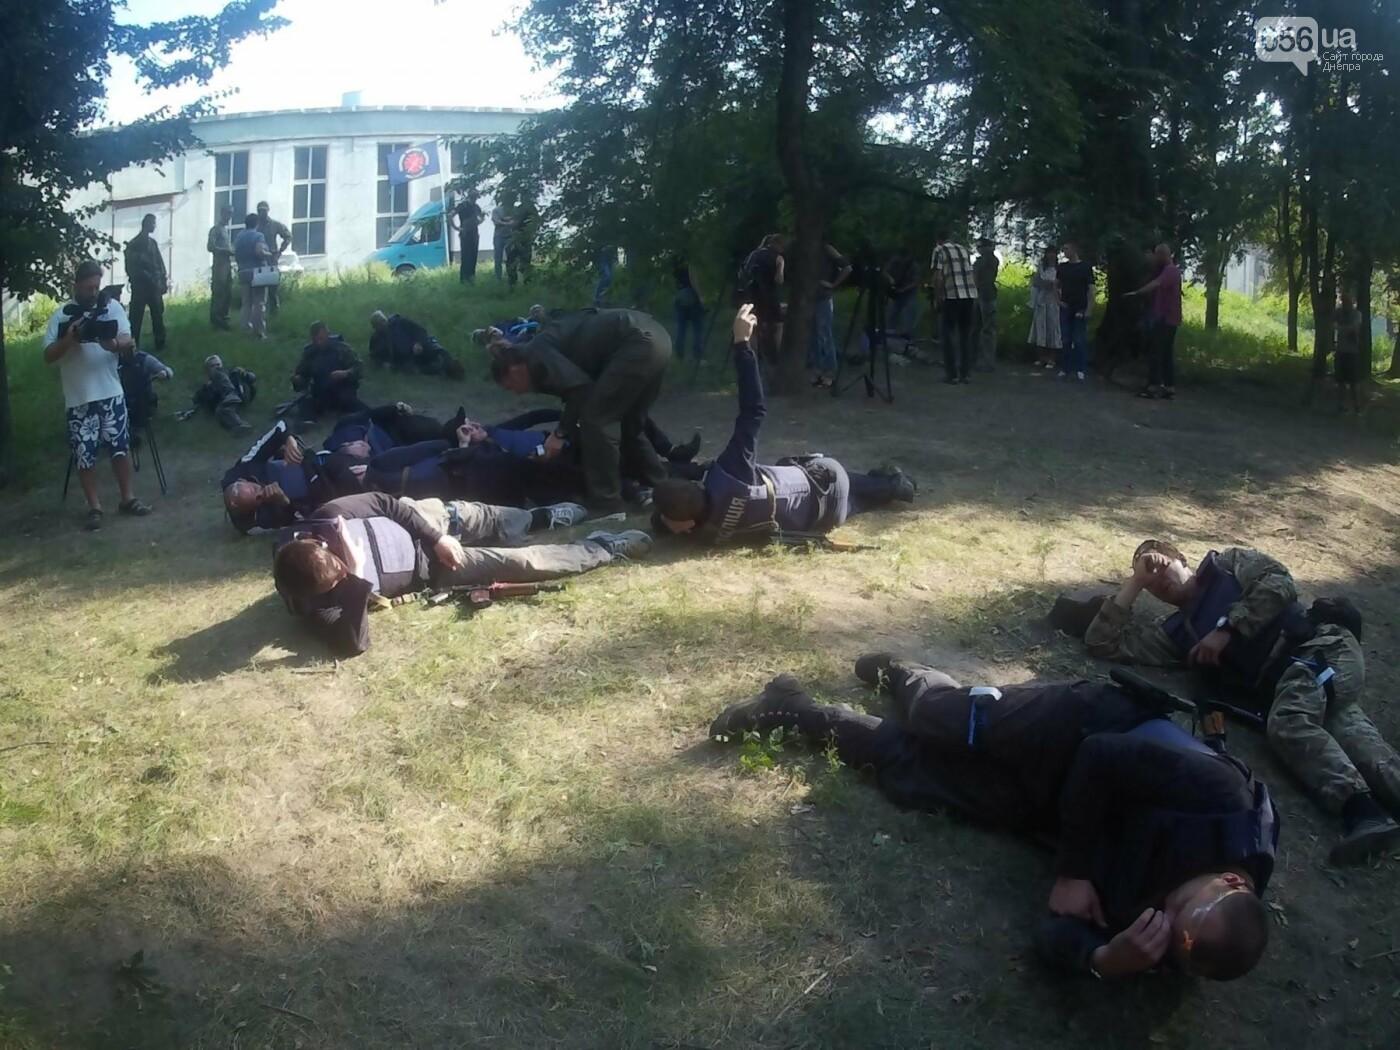 В Днепре проходят тактические учения для патрульных полицейских Луганской области, - ФОТО, ВИДЕО, фото-3